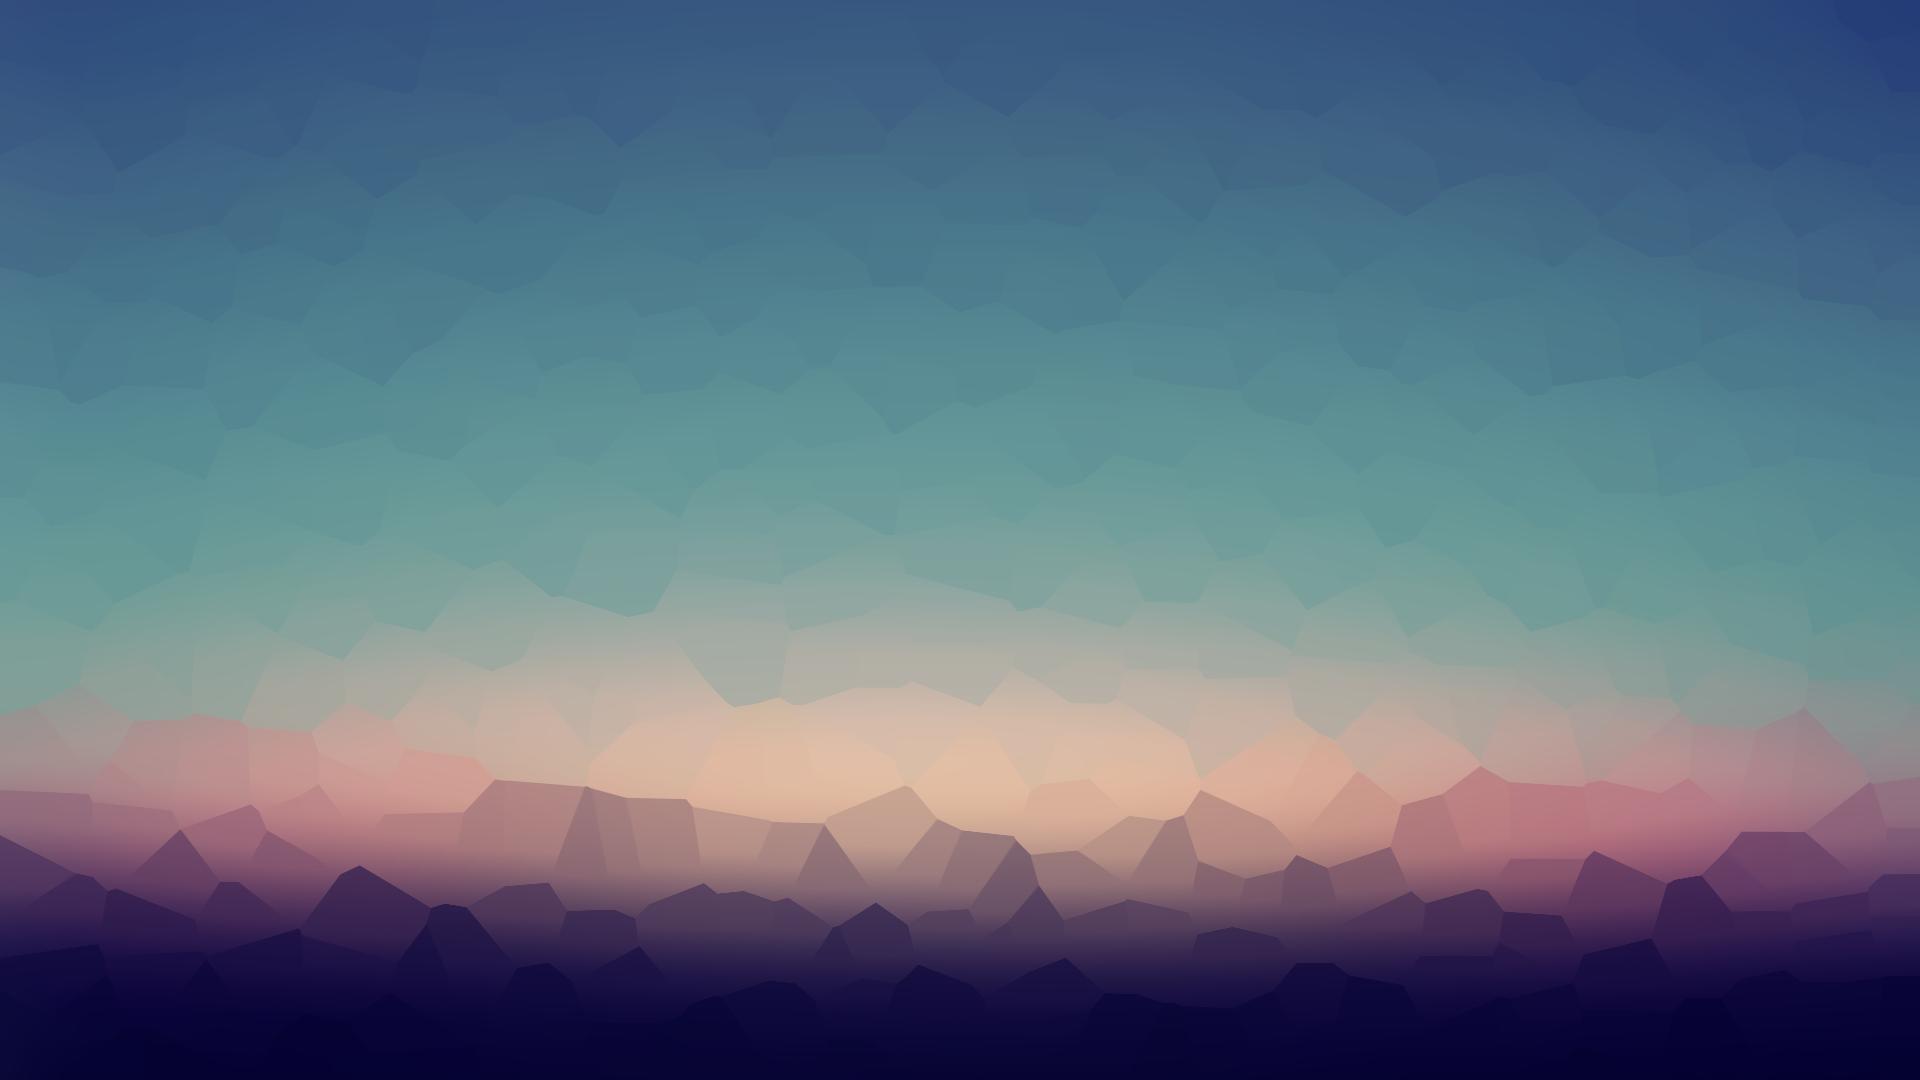 Hd wallpaper zip pack - Windows 10 Minimal Wallpaper Wallpapersafari